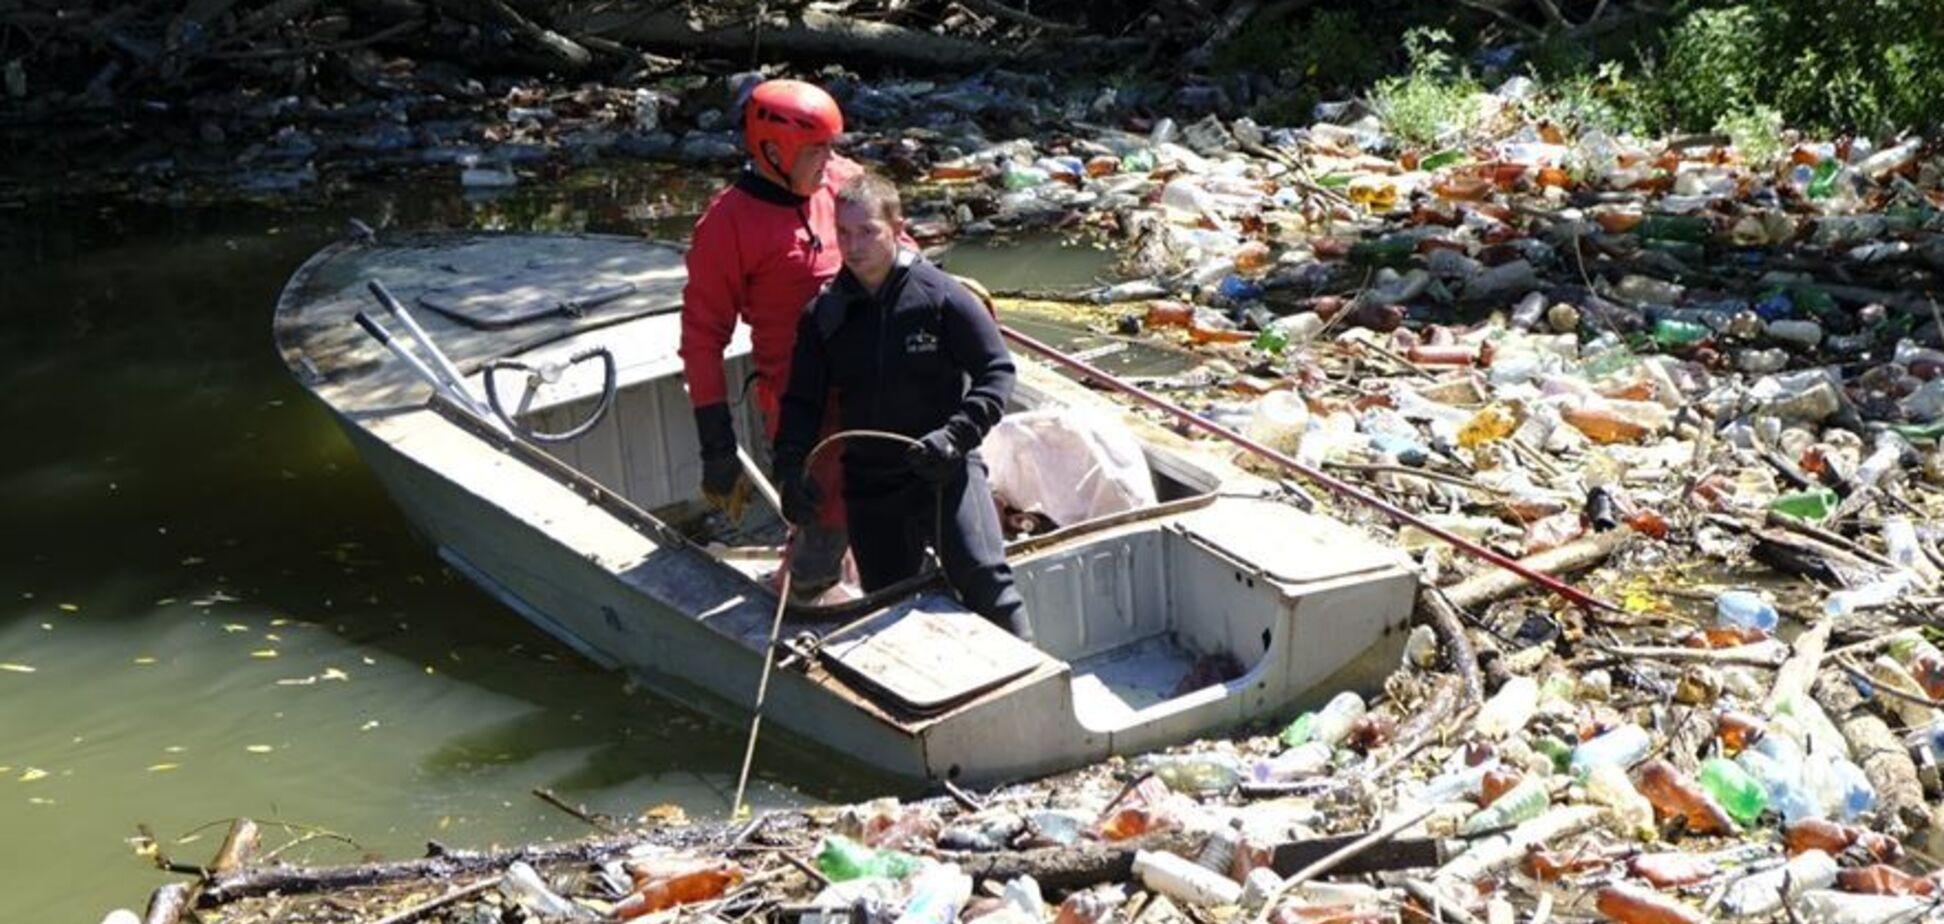 Закарпатские реки превратились в реки мусора. Источник: Facebook Гали Плачинды